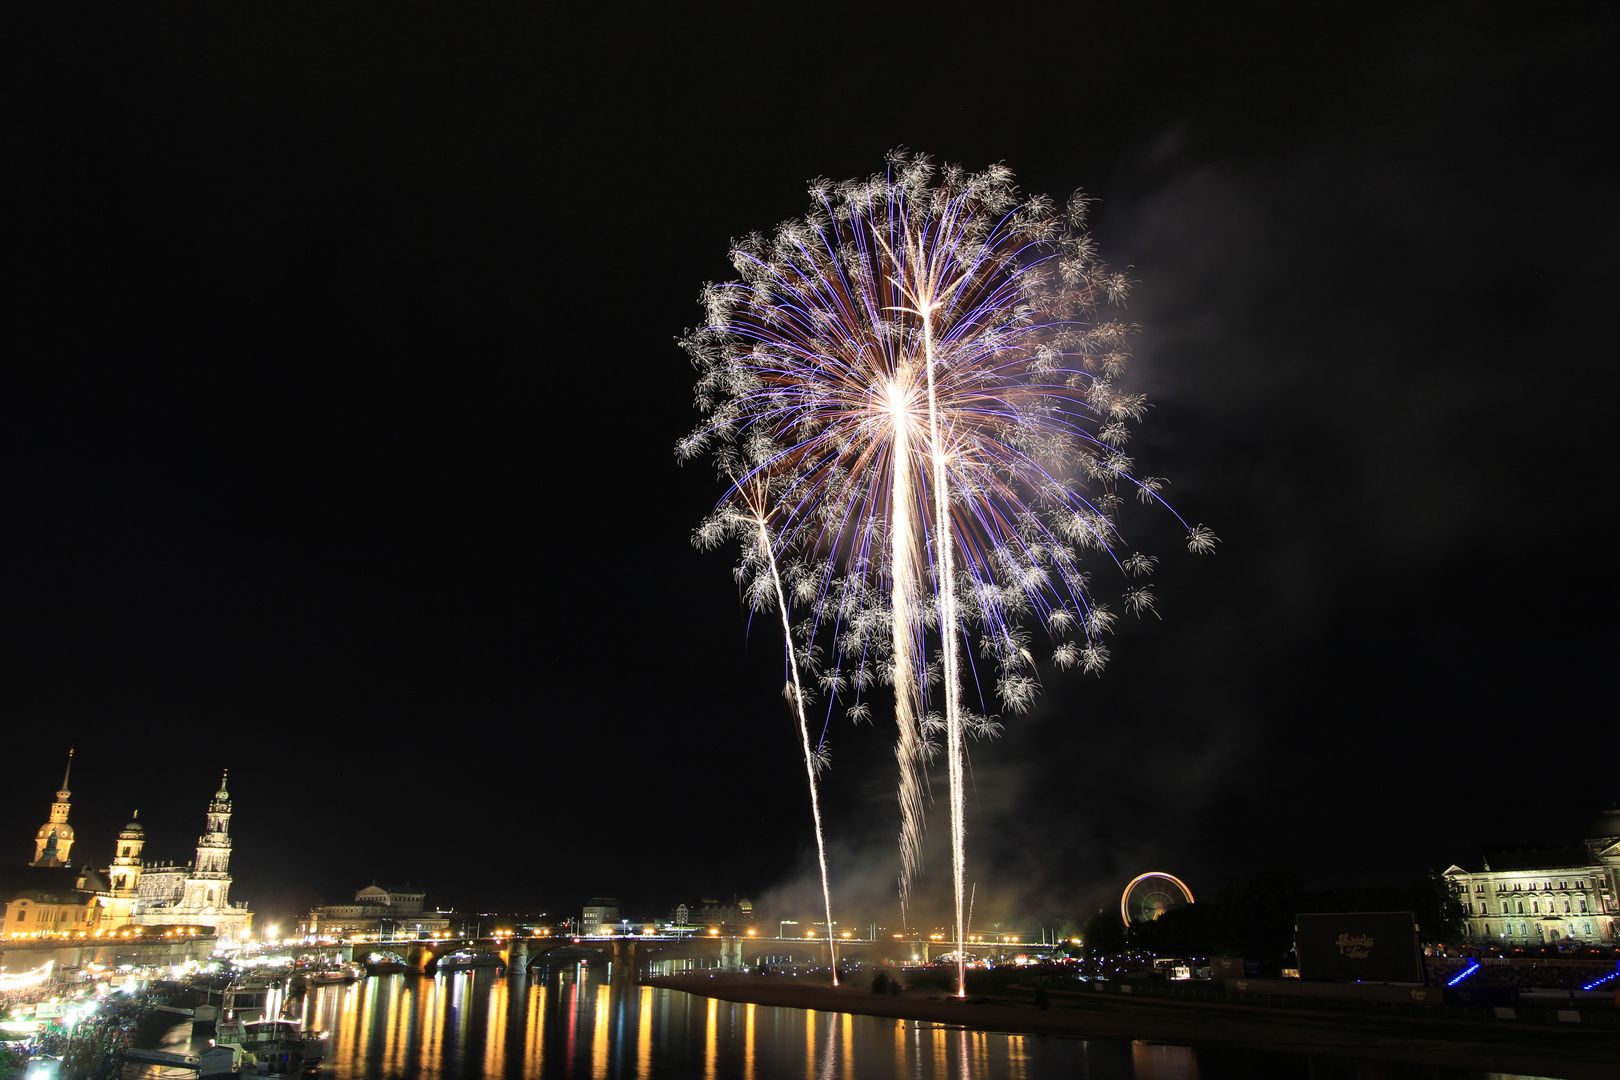 Feuerwerk-Blume zum Stadtfest Dresden 2013